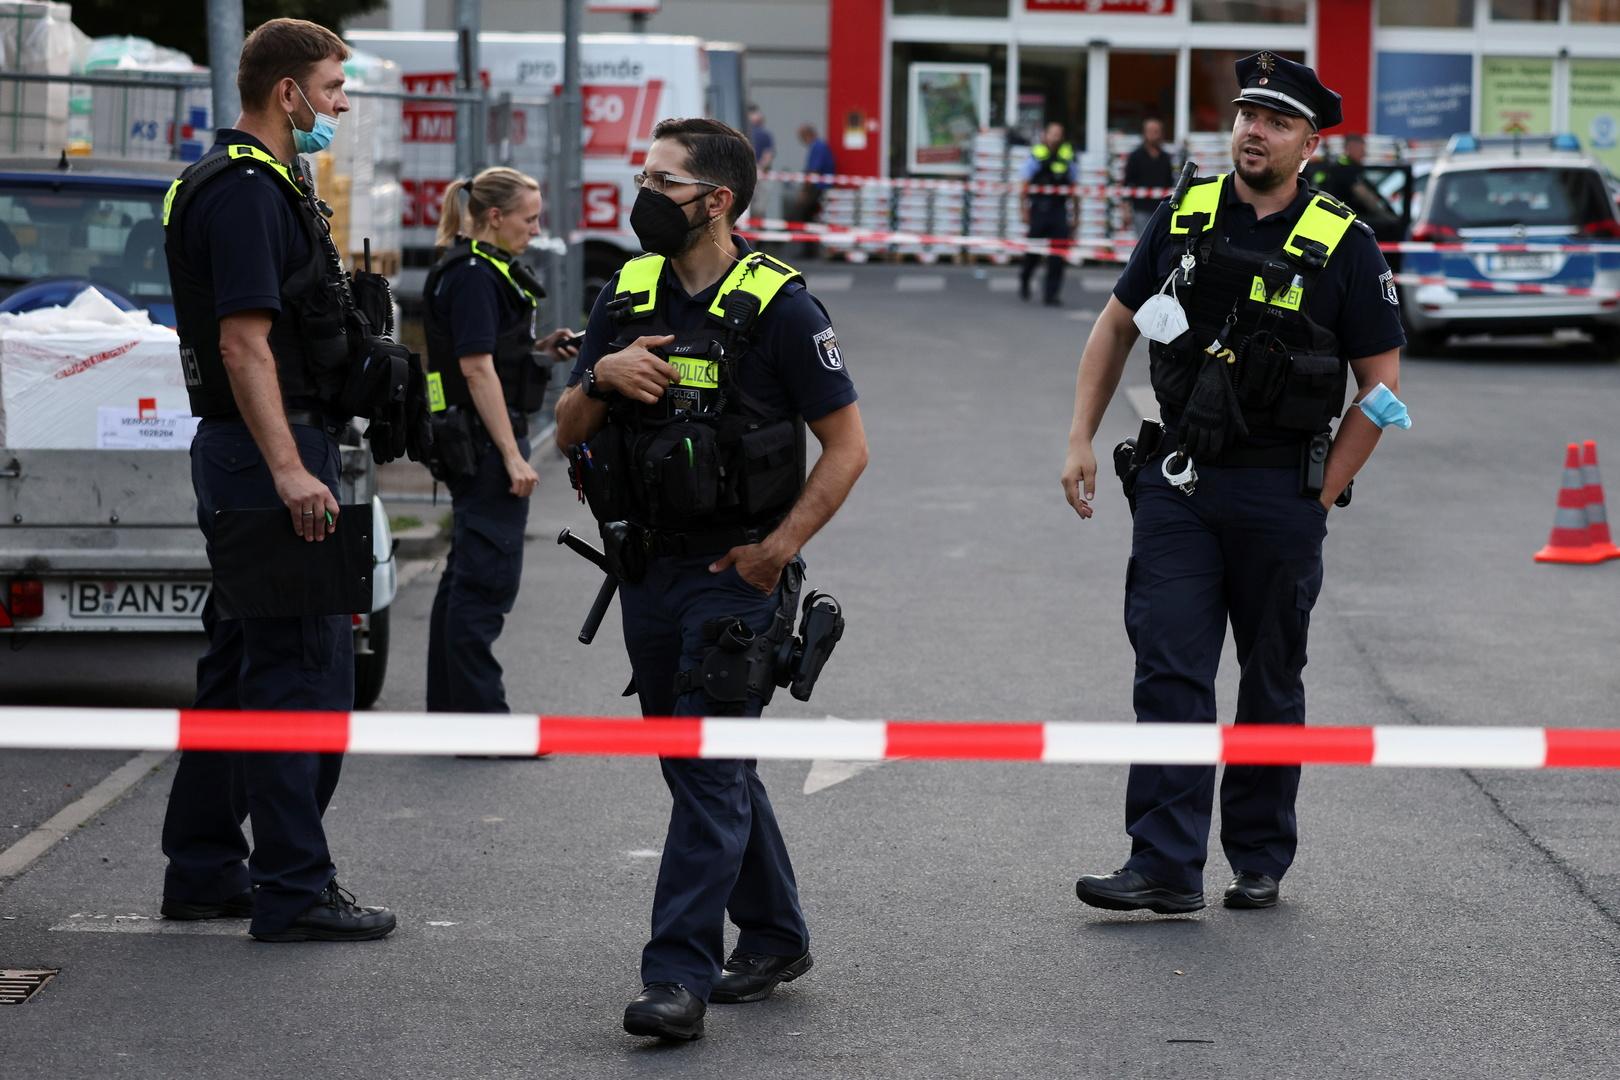 الشرطة الألمانية تستبعد فرضية الإرهاب في حادث إطلاق النار ببرلين